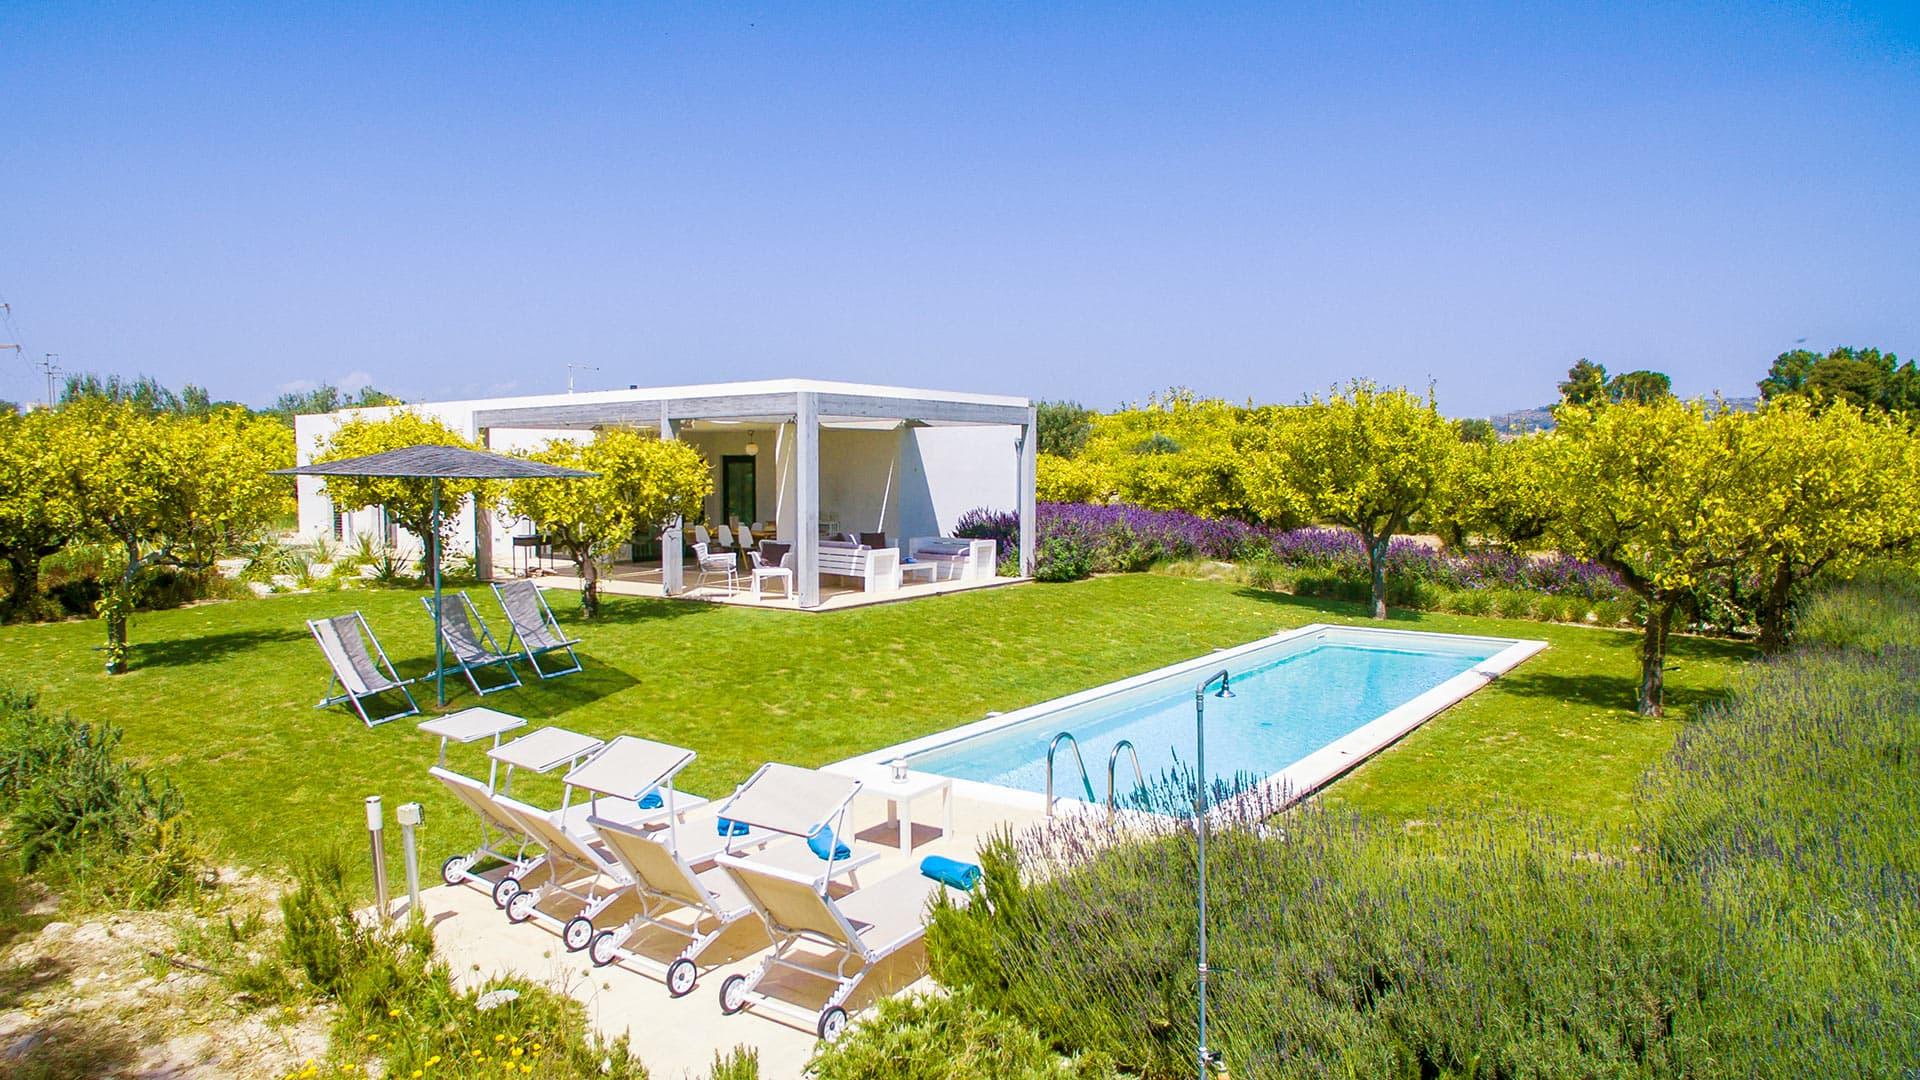 Villa Adepa - Villa rental in Sicily, Sicily South | Villanovo